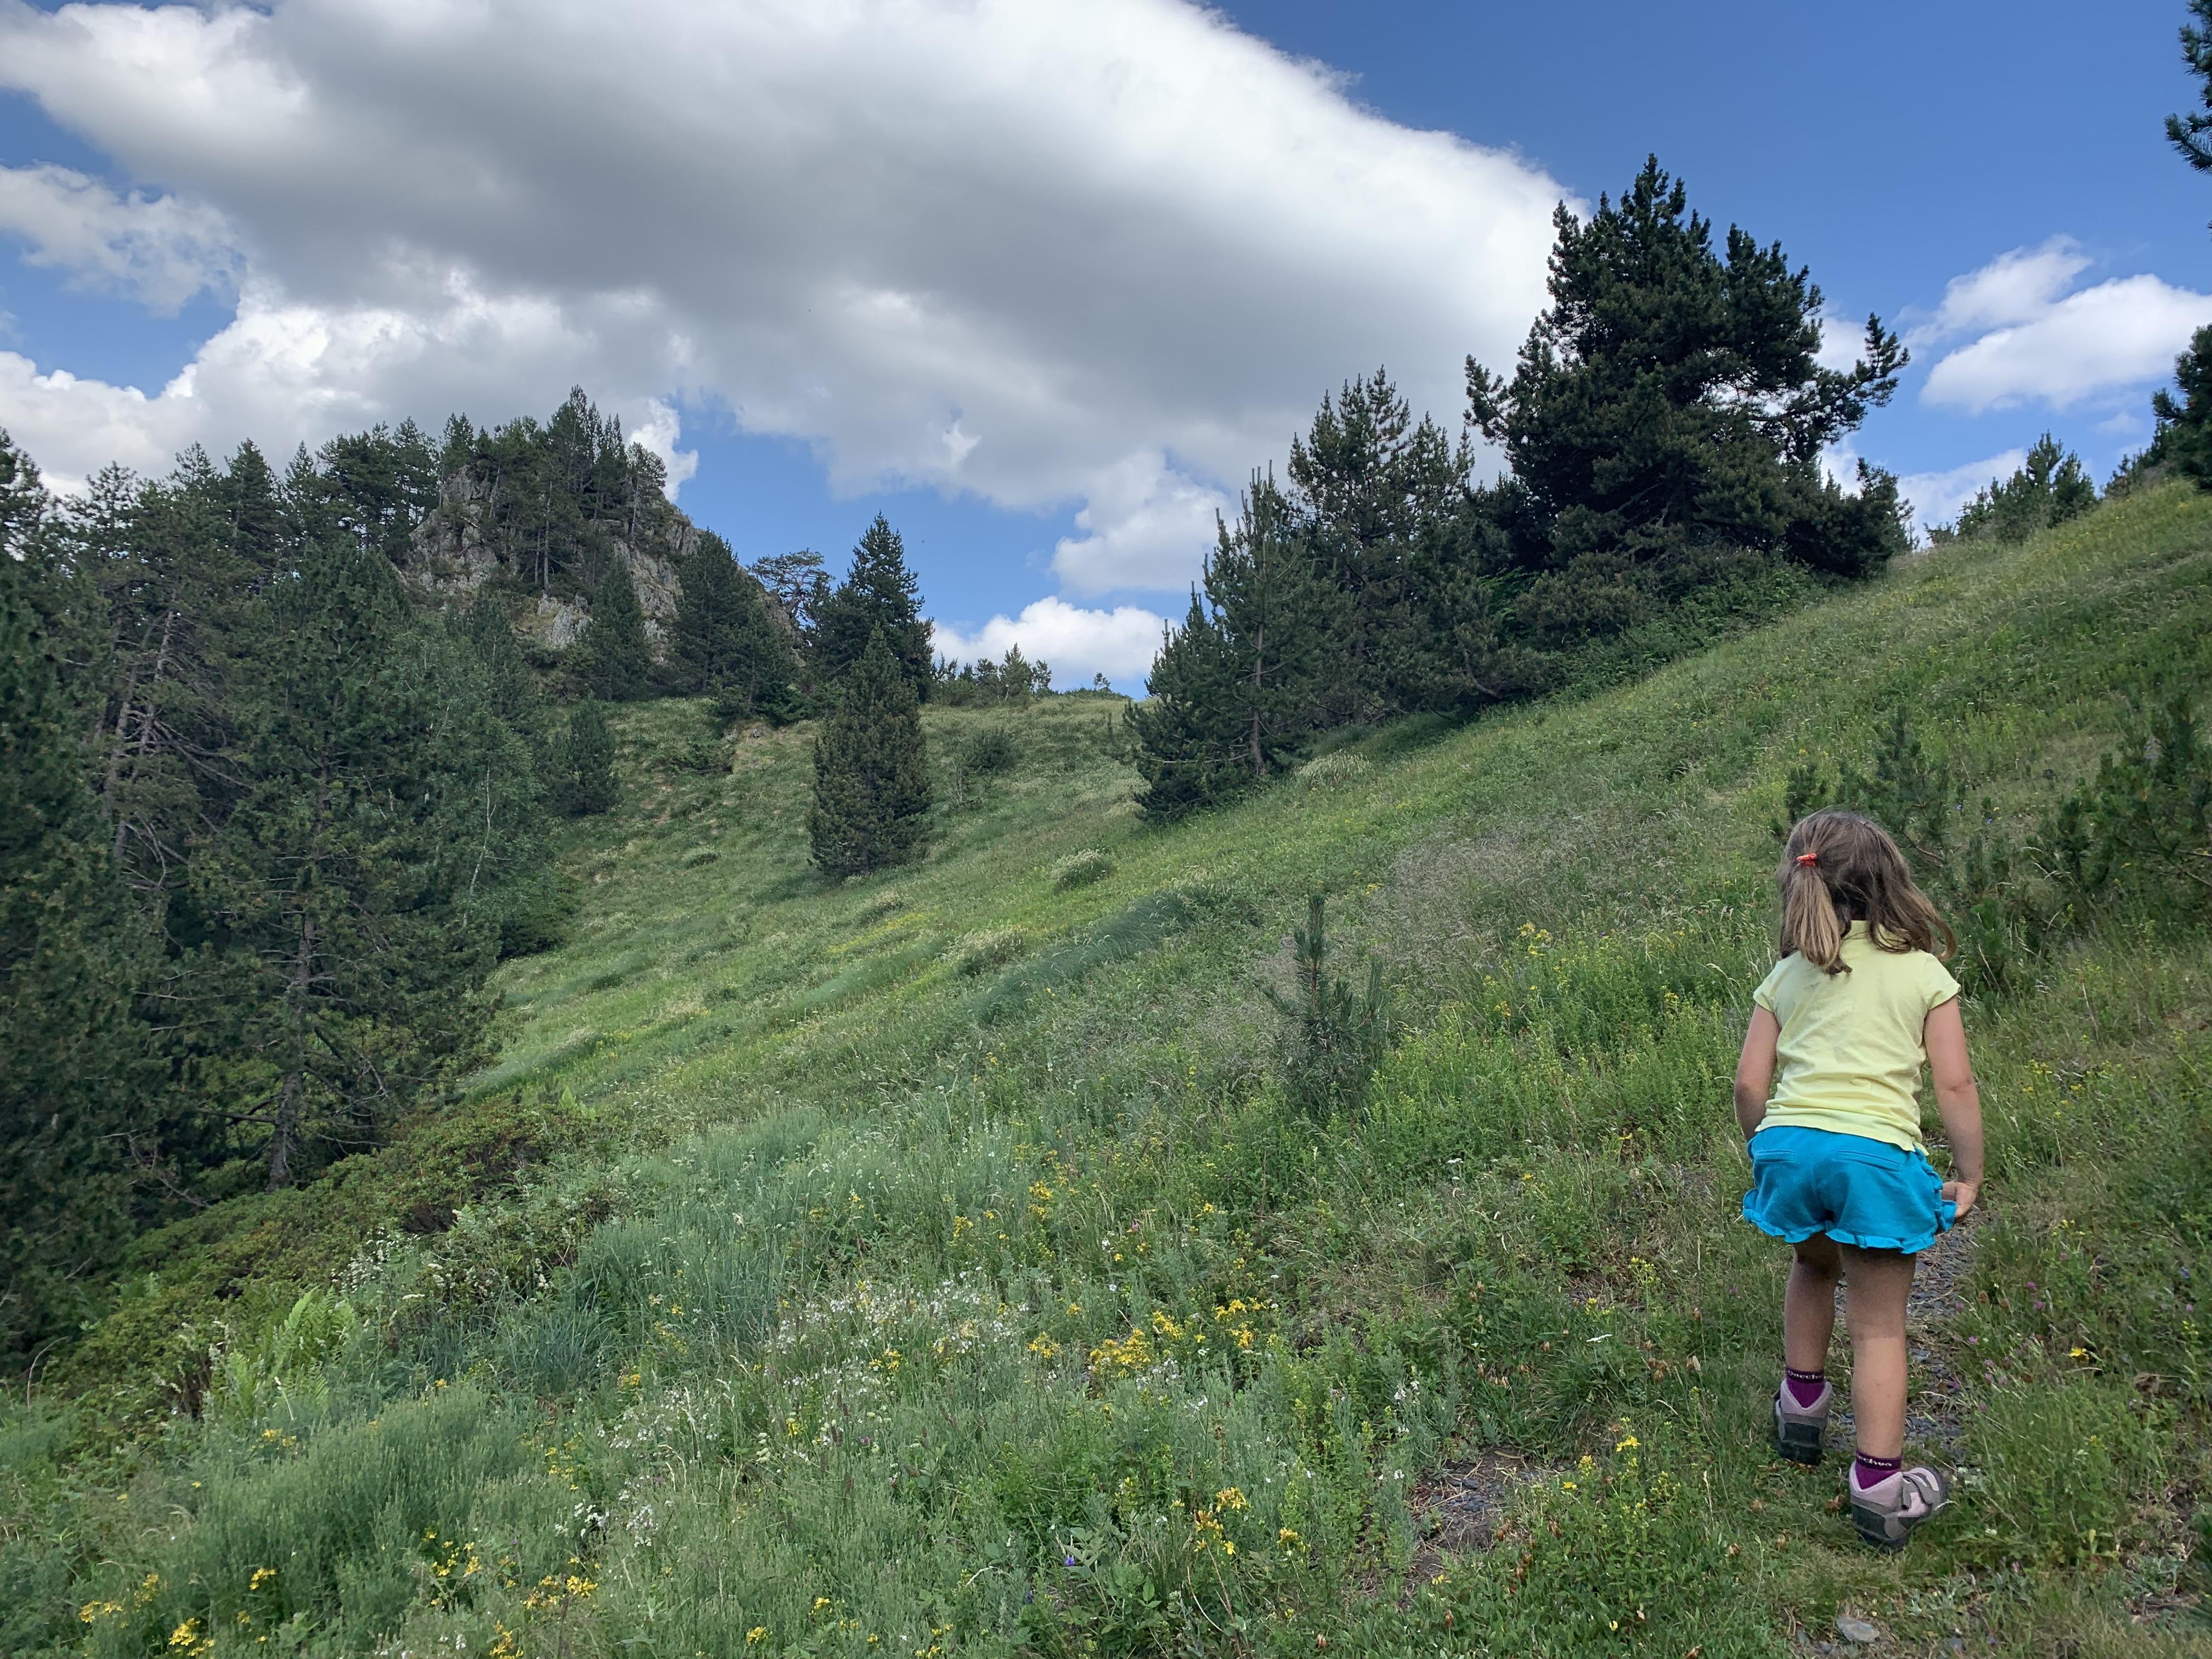 Randonner en famille à la montagne: retour d'expérience et conseils